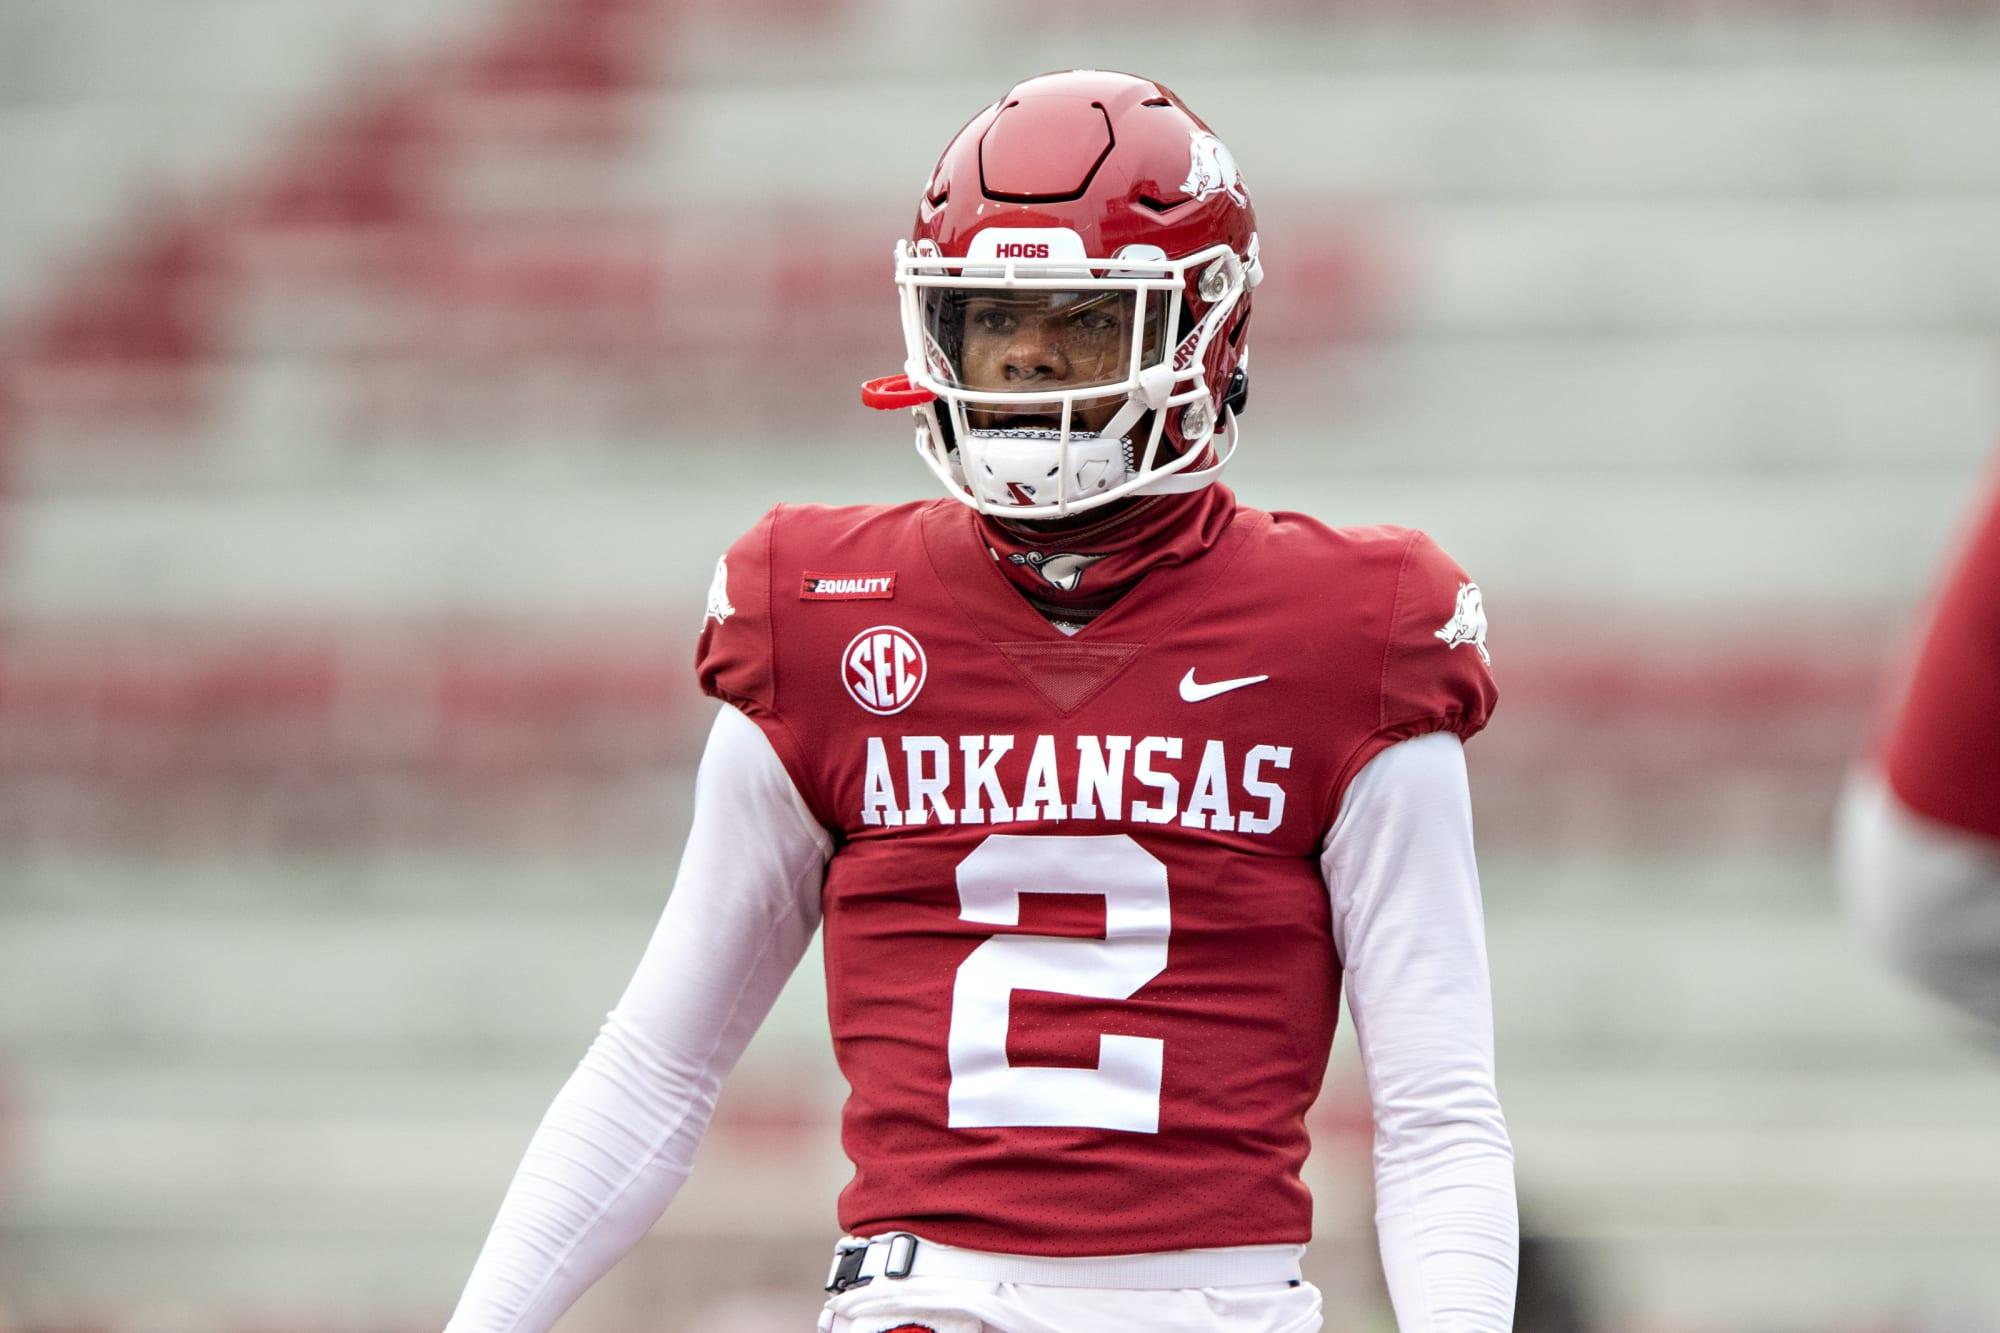 Arkansas Football: Malik Hornsby or KJ Jefferson for QB1 in 2021?